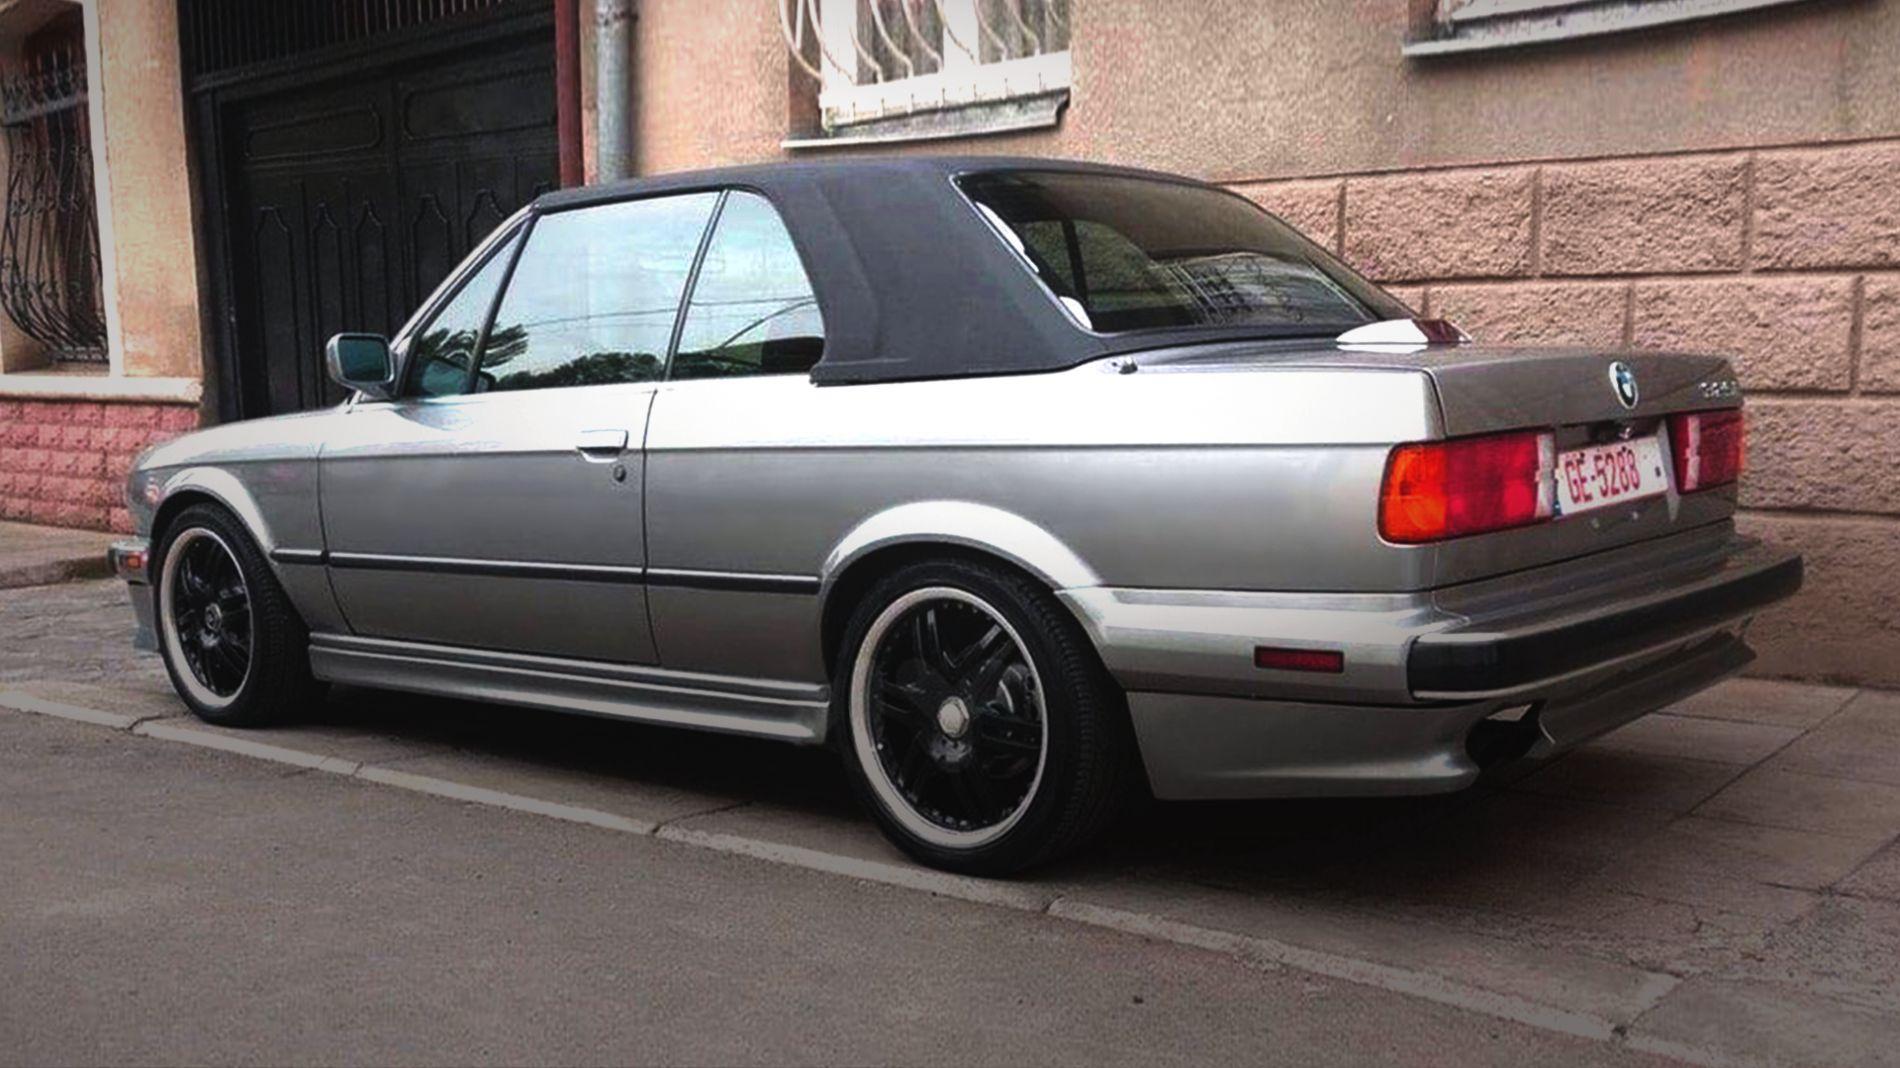 გამორჩეული მანქანები Myauto-დან Vol.8